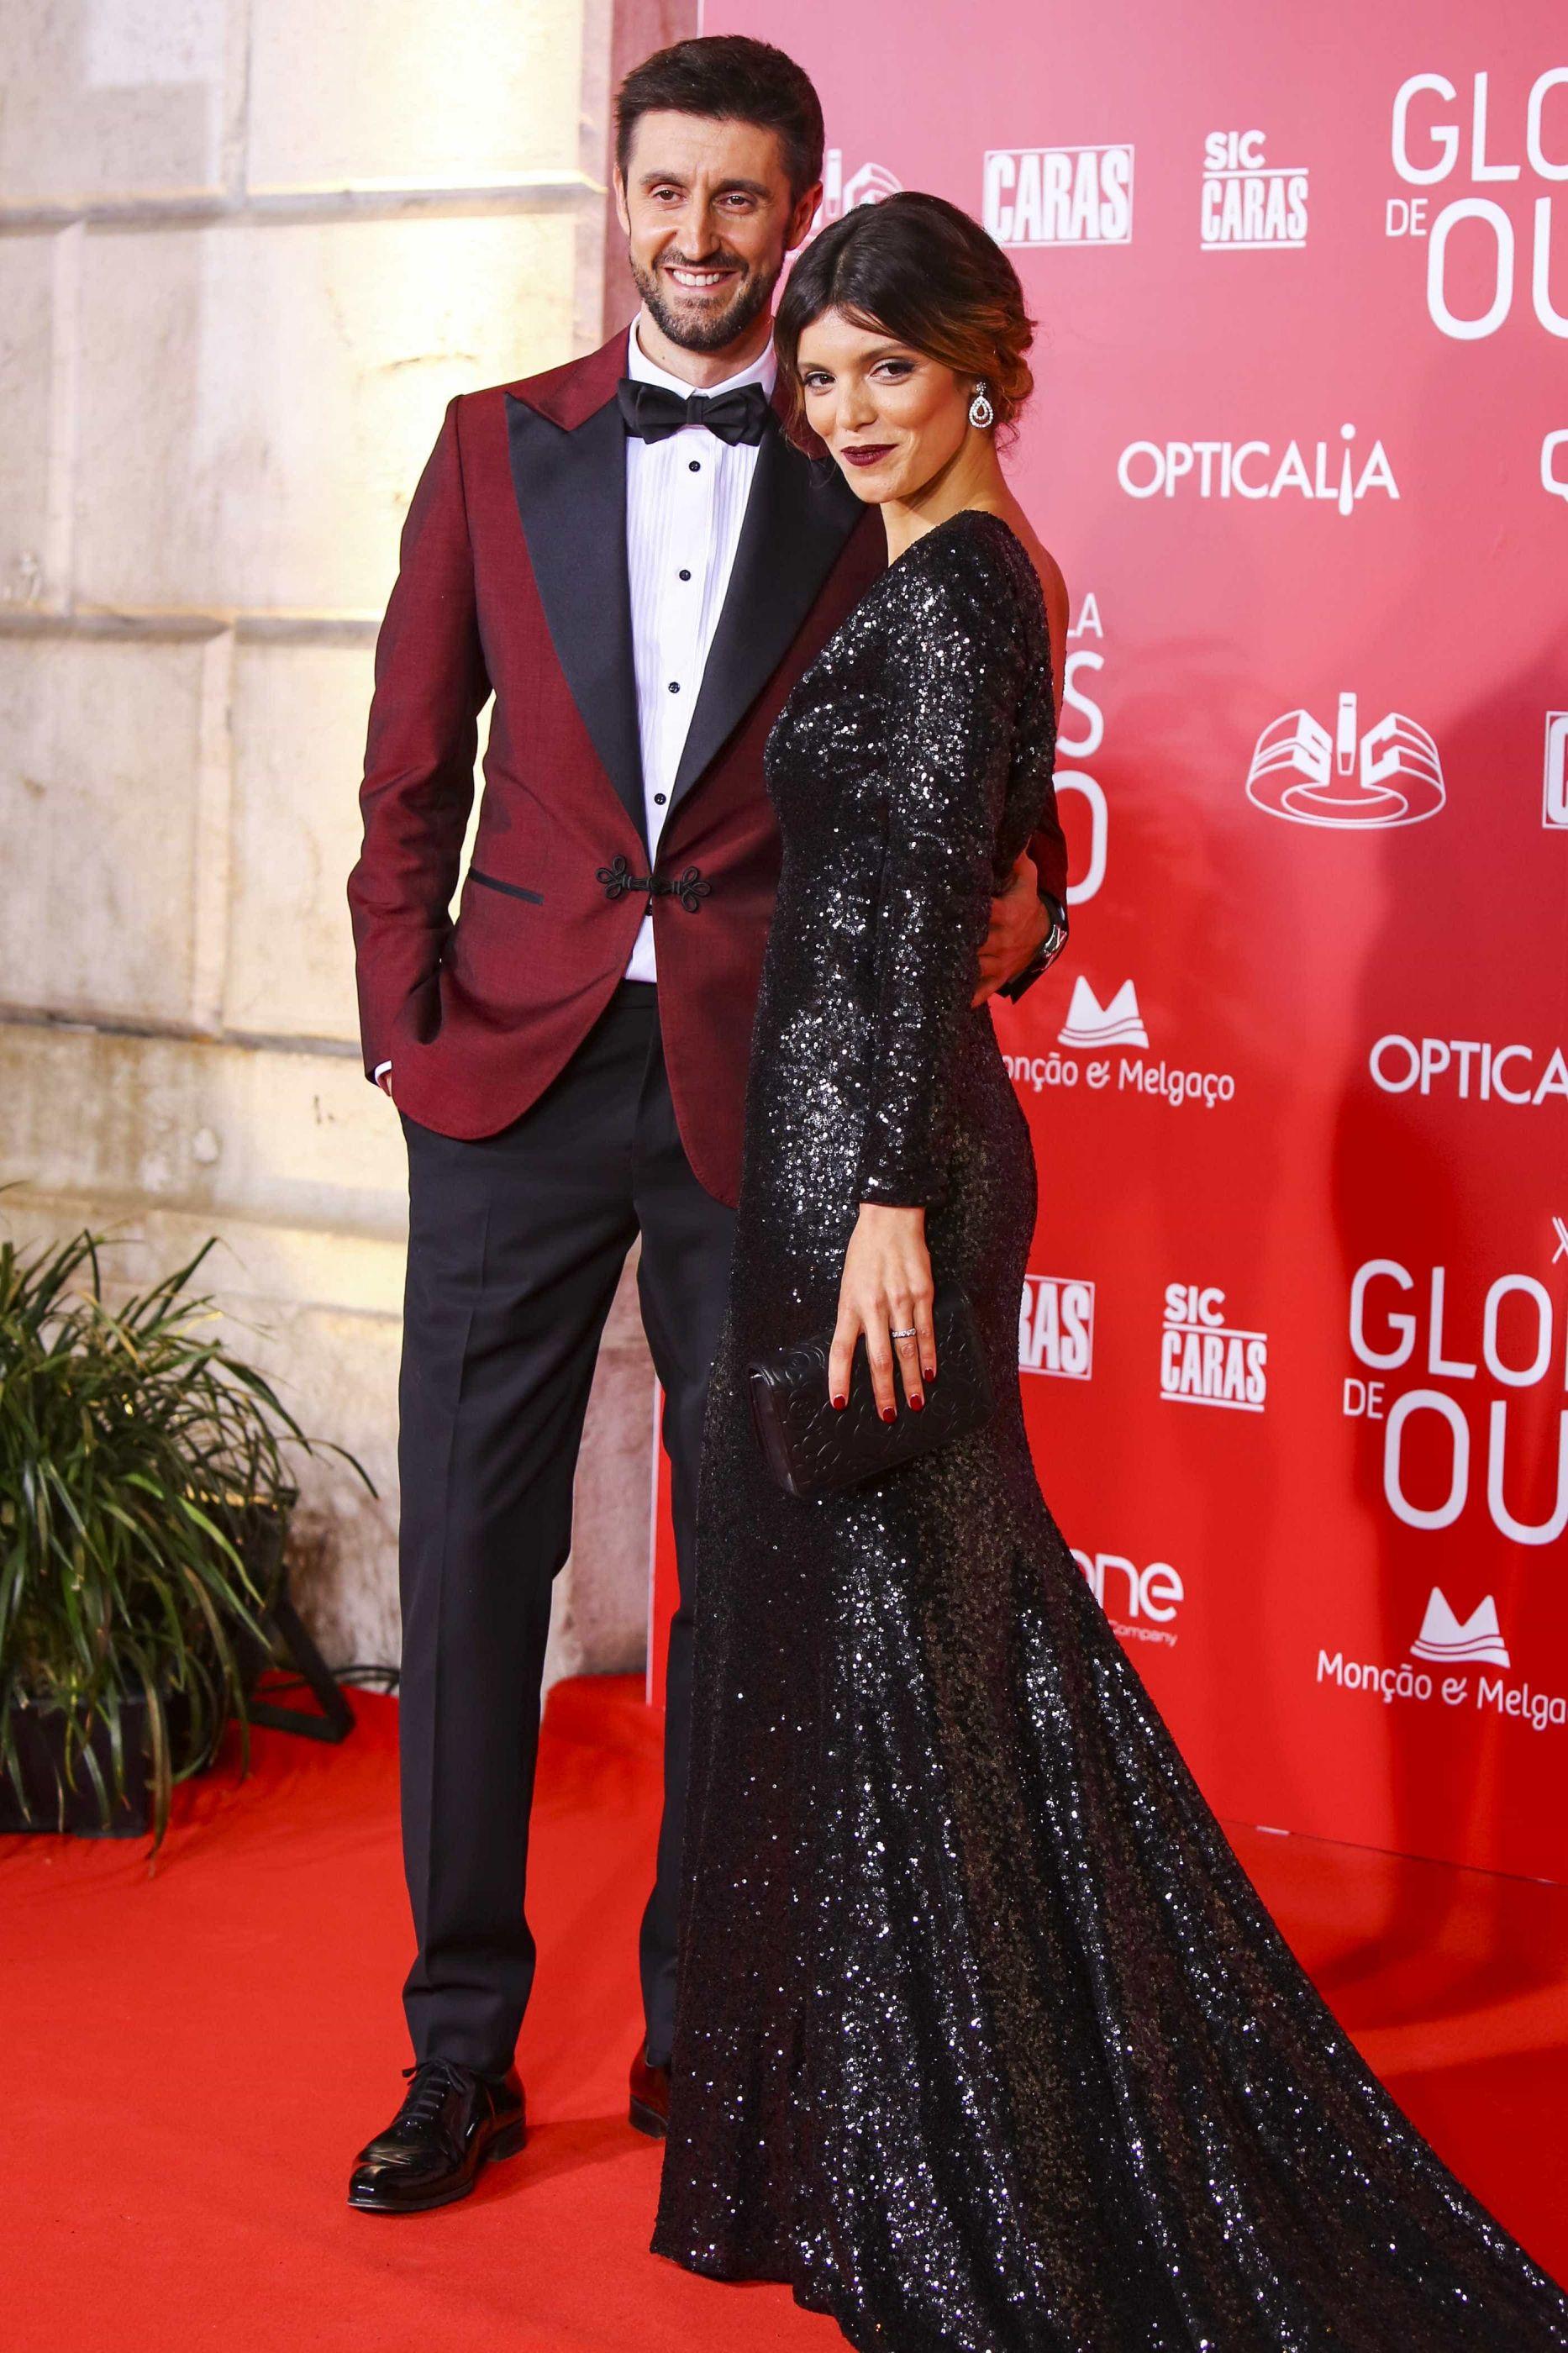 Daniel Oliveira e Andreia Rodrigues: Hoje é o grande dia